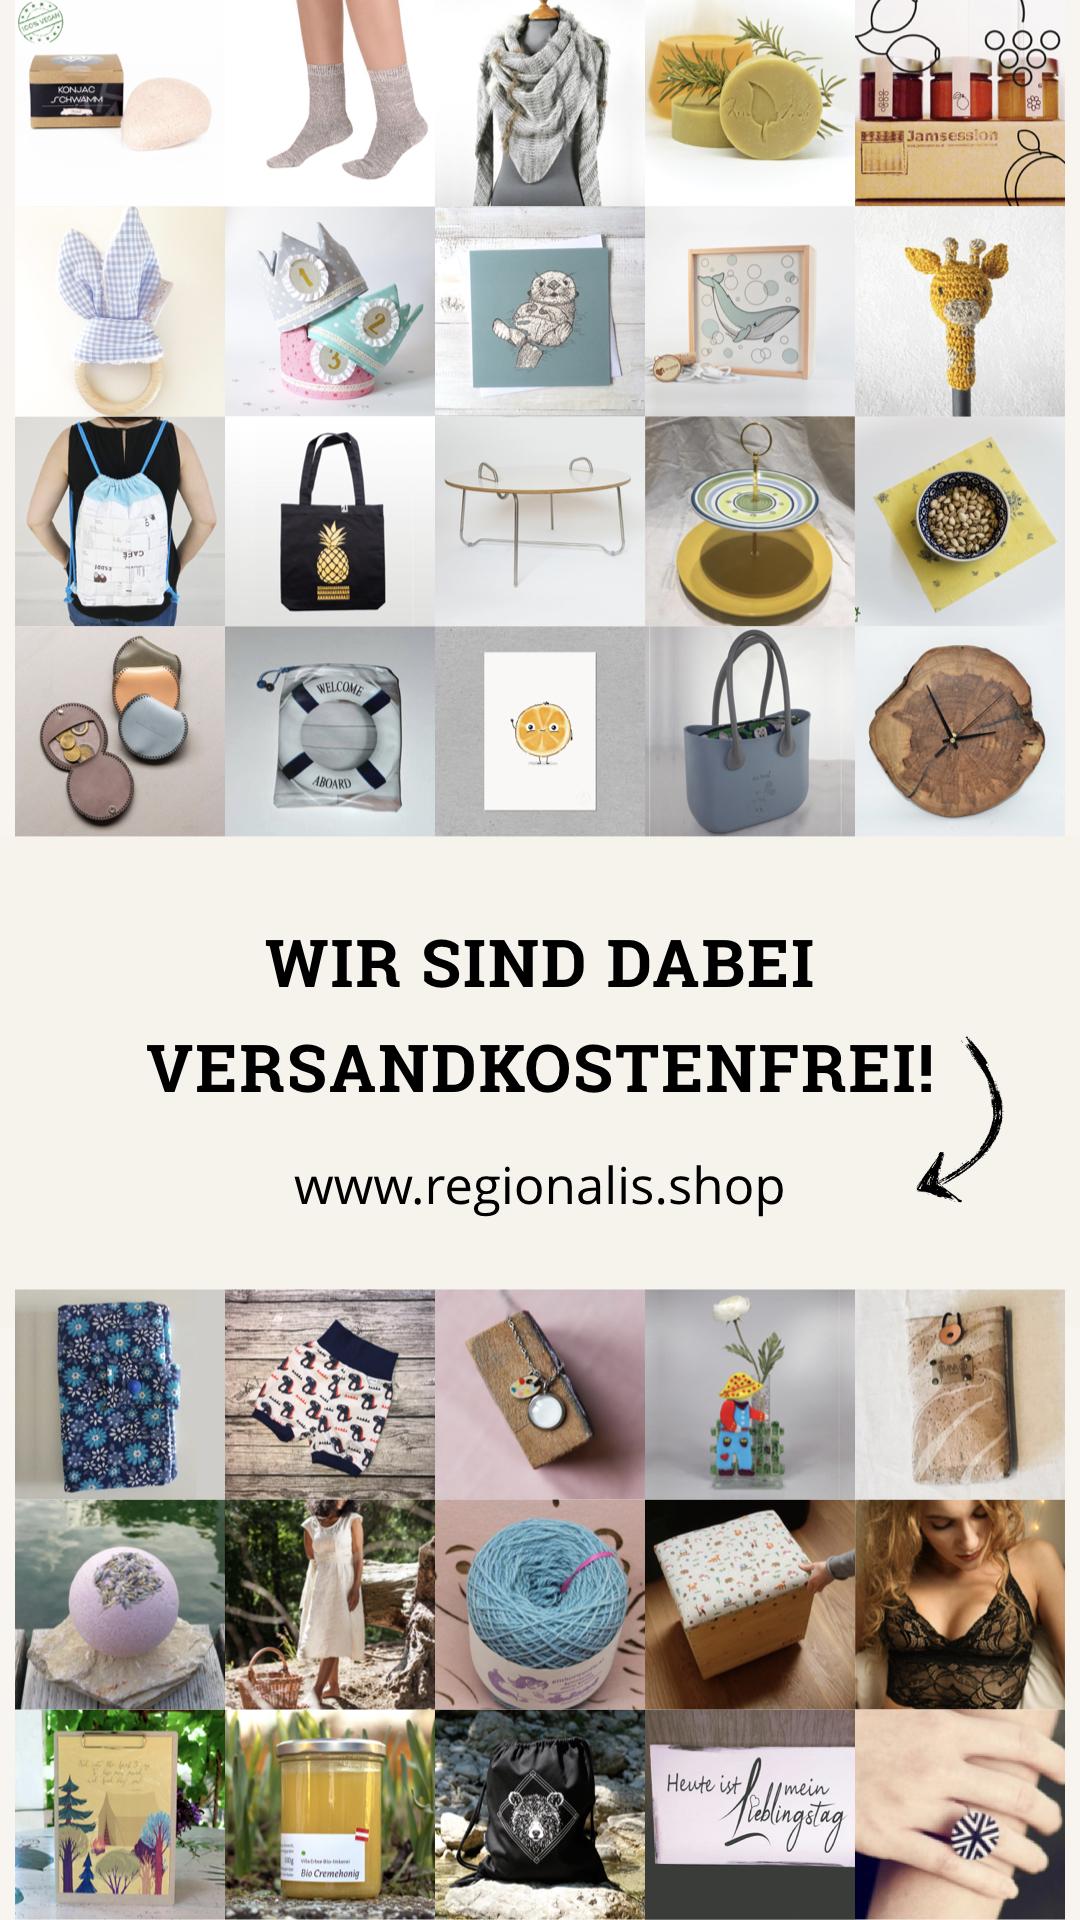 Regionalis Shop - versandkostenfrei!